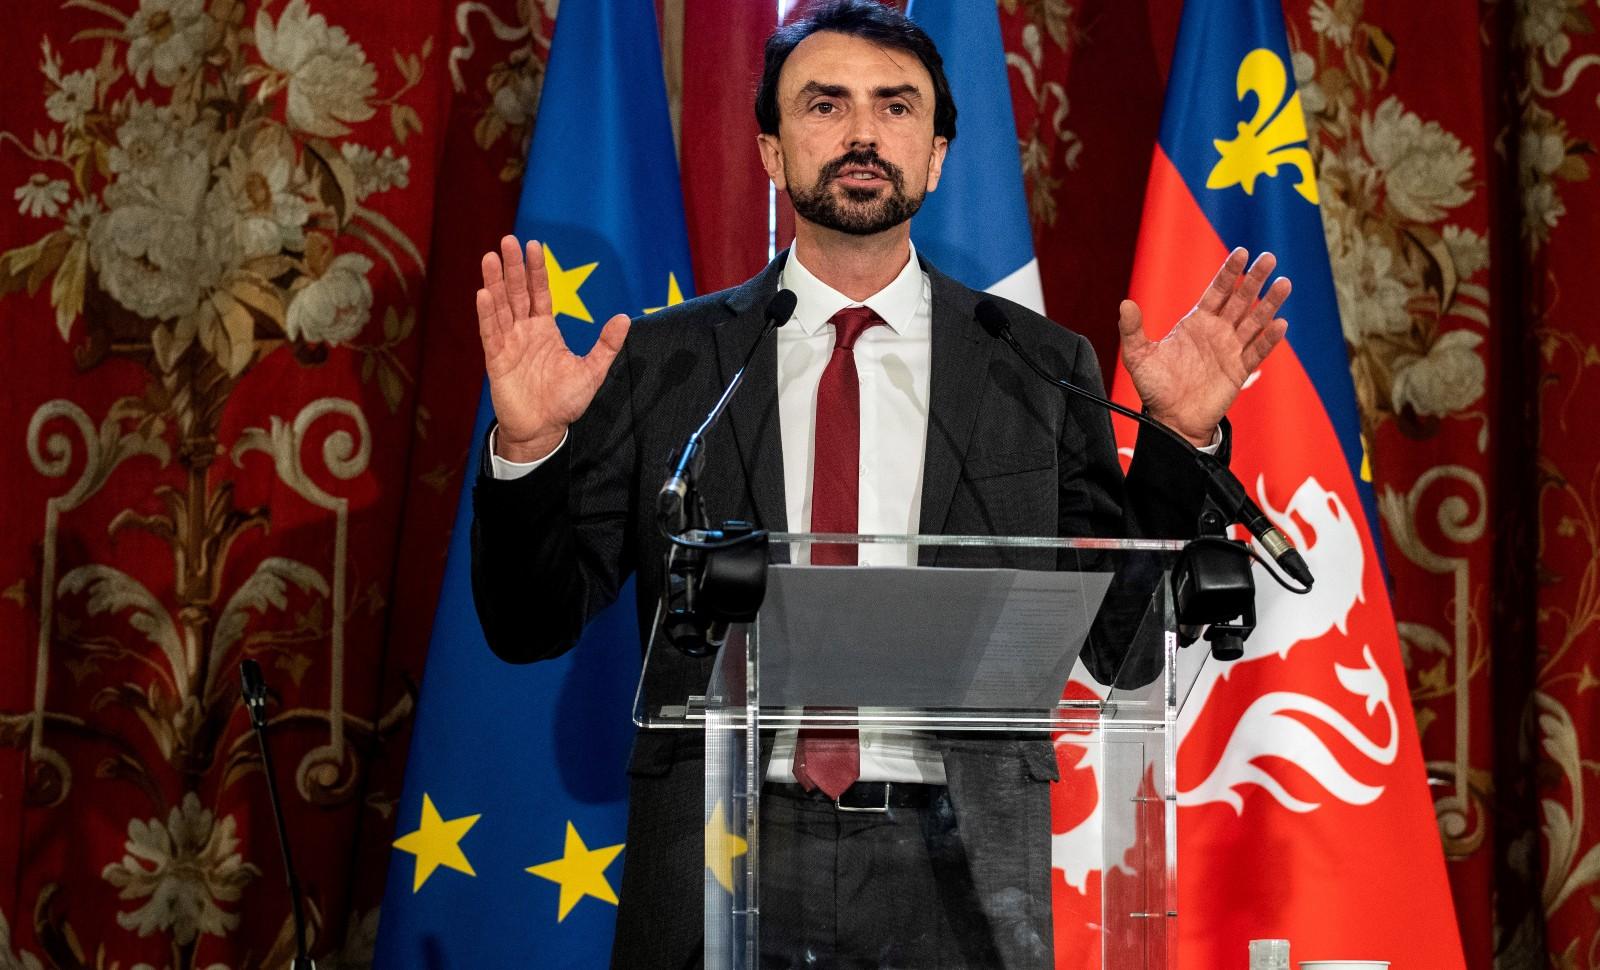 Discours de Gregory Doucet après son élection à la mairie de Lyon, 4 juillet 2020.© JEFF PACHOUD/AFP